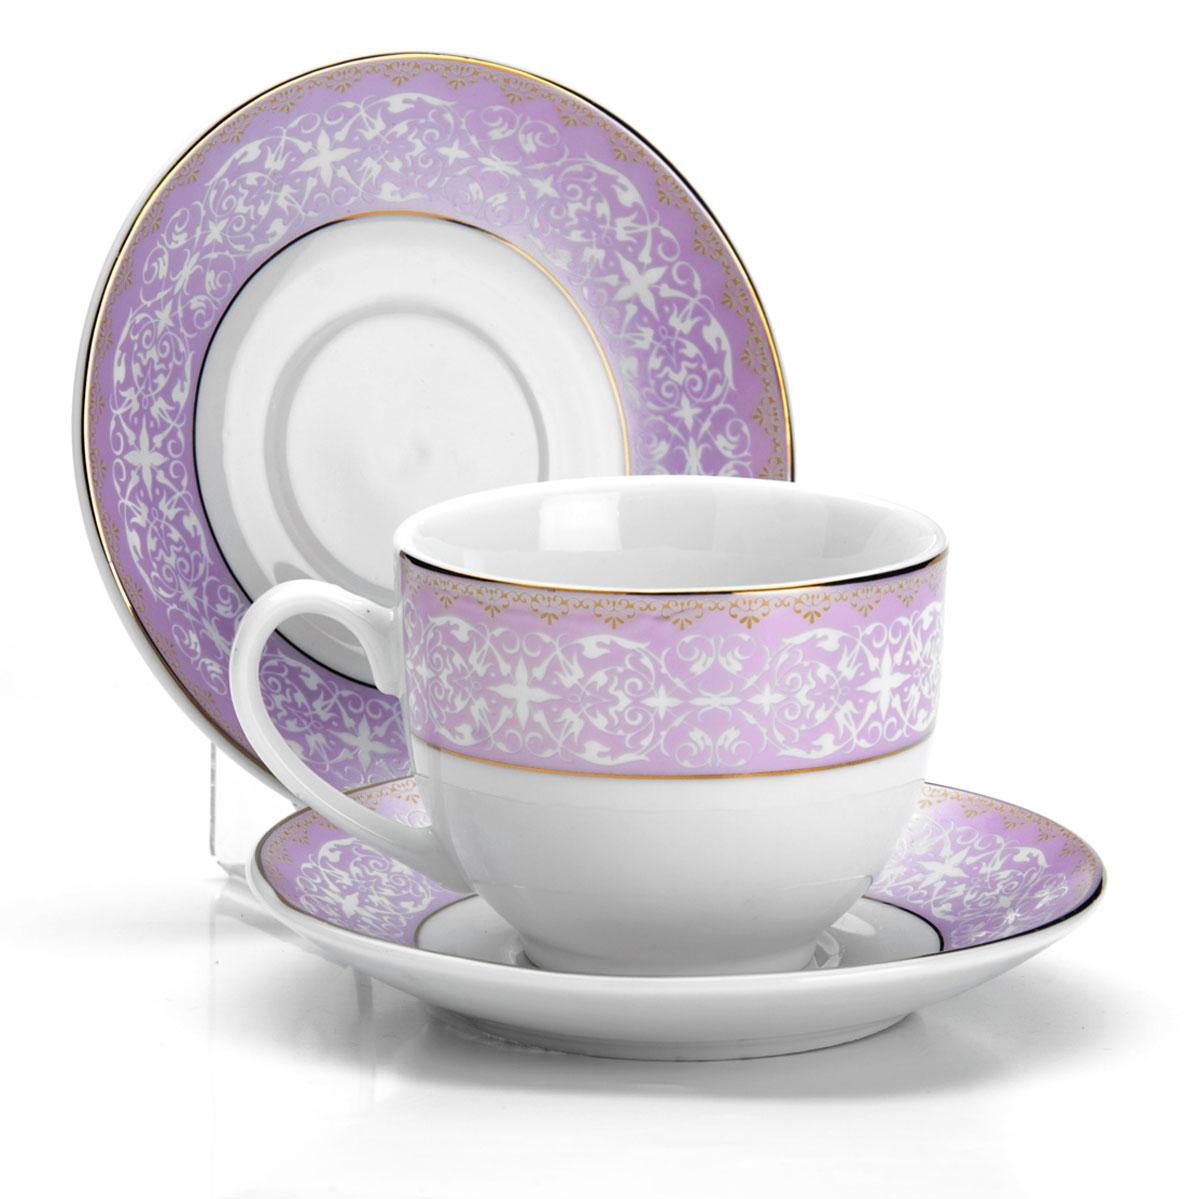 Набор чайный Loraine, 12 предметов. 25899VT-1520(SR)Чайный набор состоит из 6 чашек и 6 блюдец, выполненных из фарфора.Диаметр чашки: 8,5 см.Высота чашки: 7,5 см.Объем чашки: 220 мл.Диаметр блюдца: 14 см.